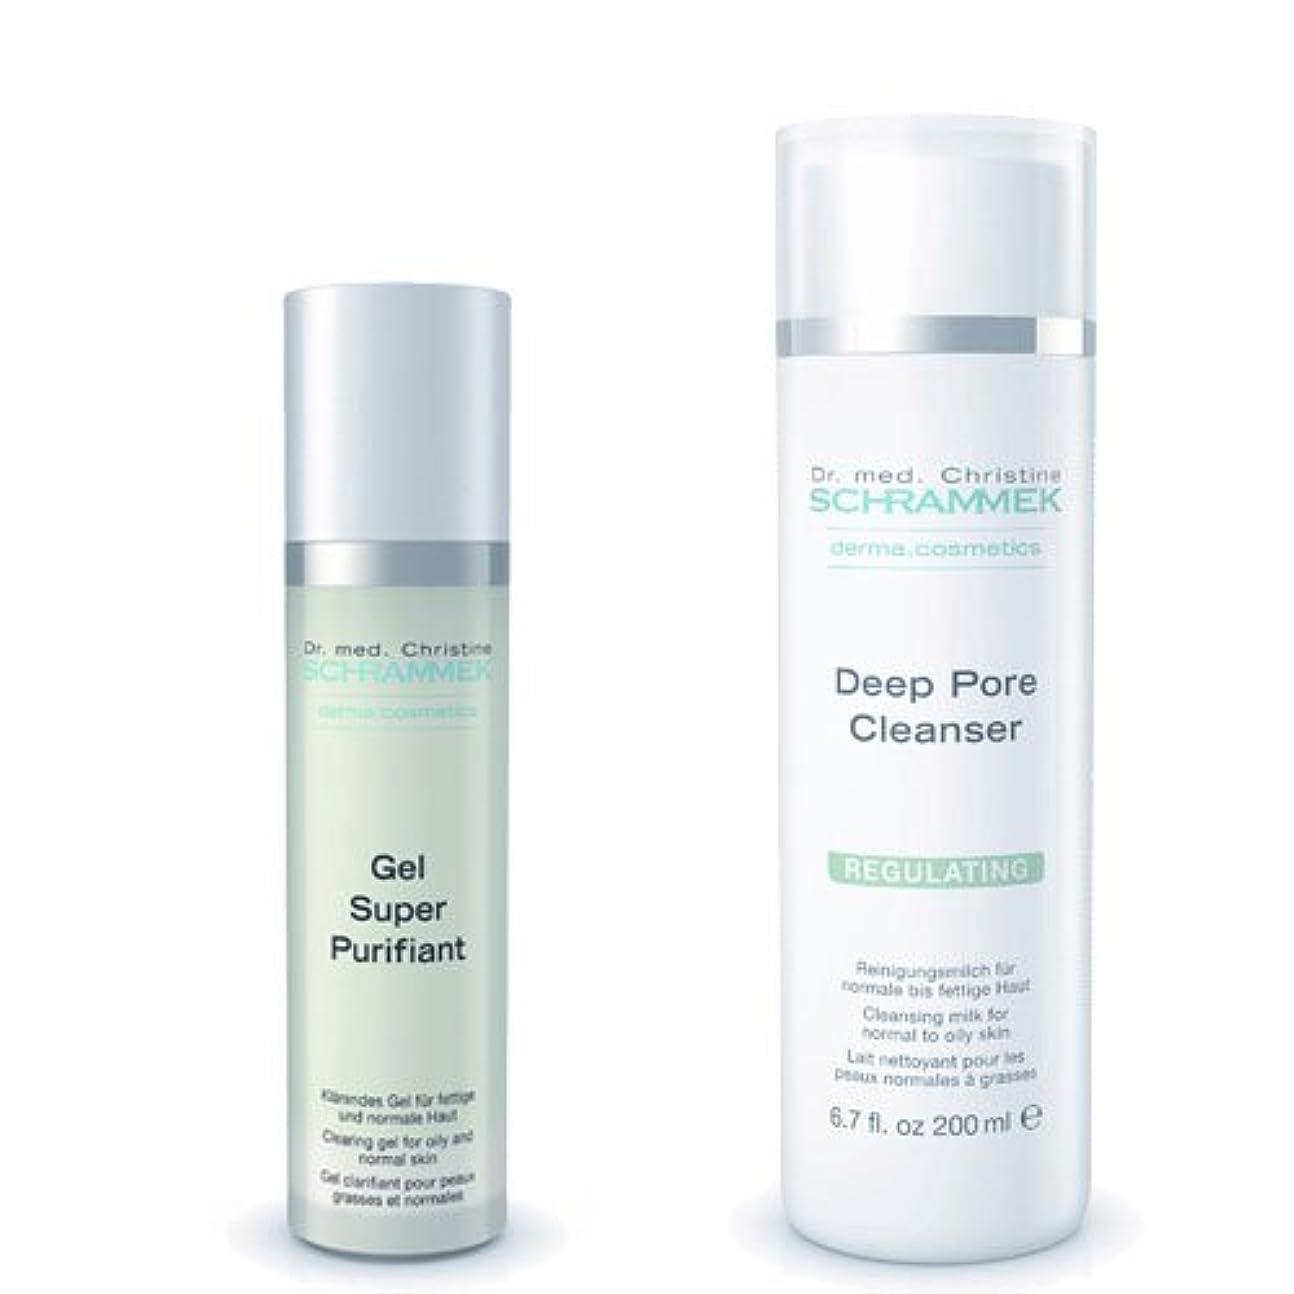 第五迷信ループシュラメック 「GREEN PEEL 洗顔2点セット(脂性肌用)」 ディープポアクレンザー&ジェルスーパーピュリフィアント